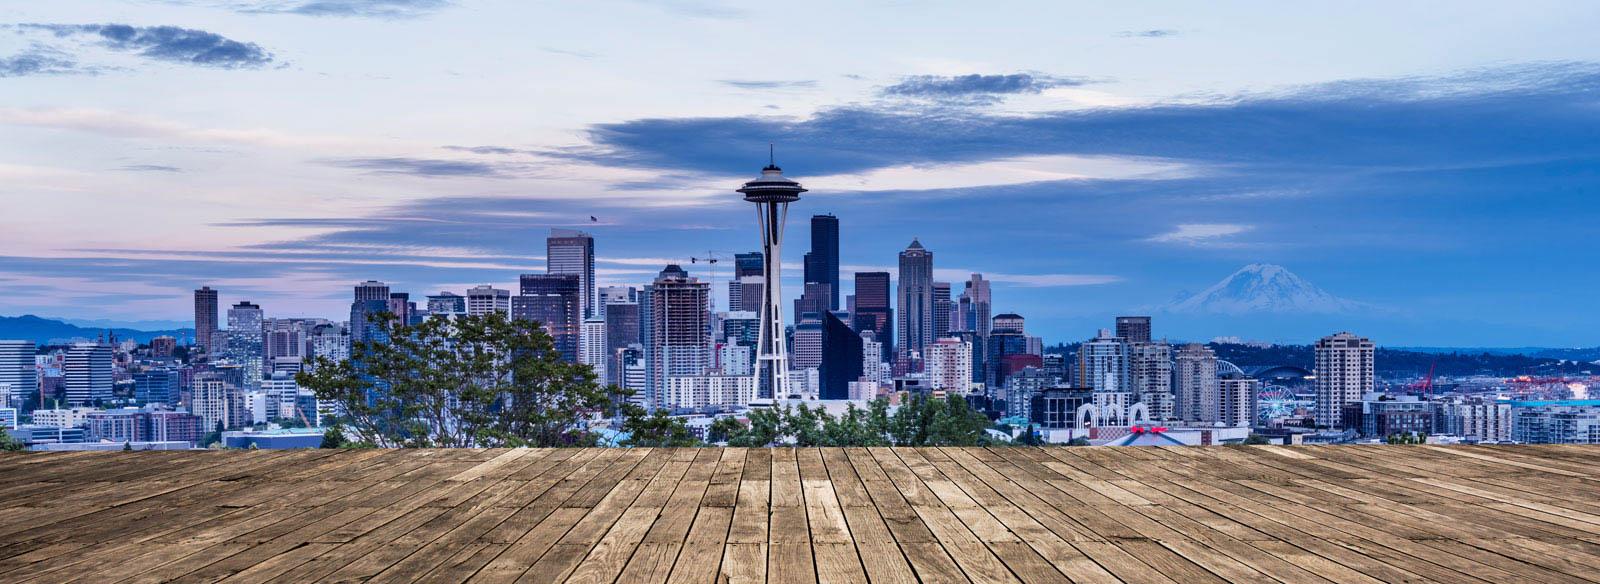 City of Seattle Washington